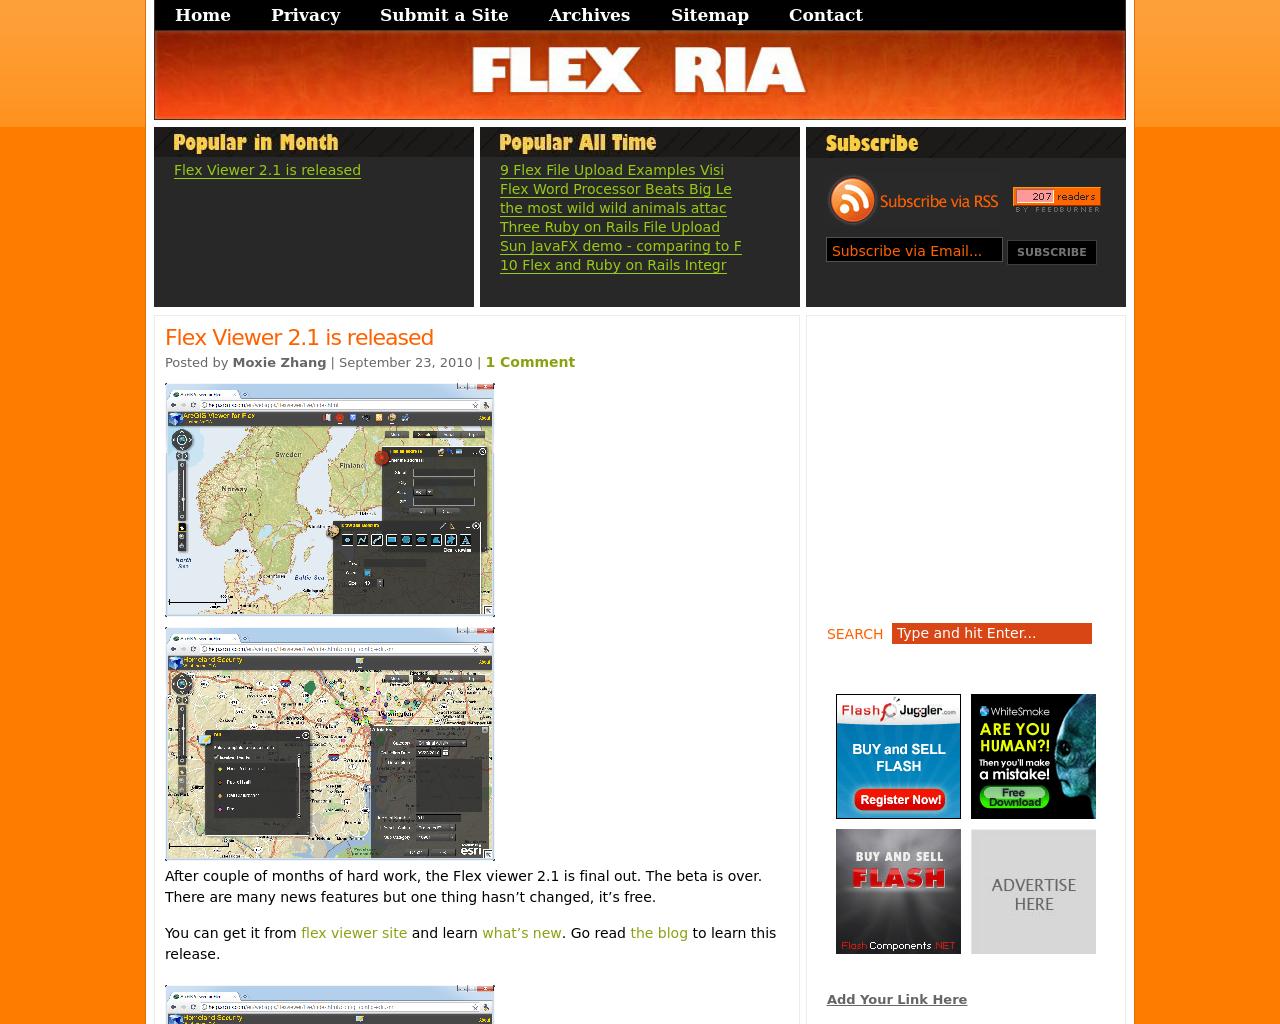 FLEX-RIA-Advertising-Reviews-Pricing